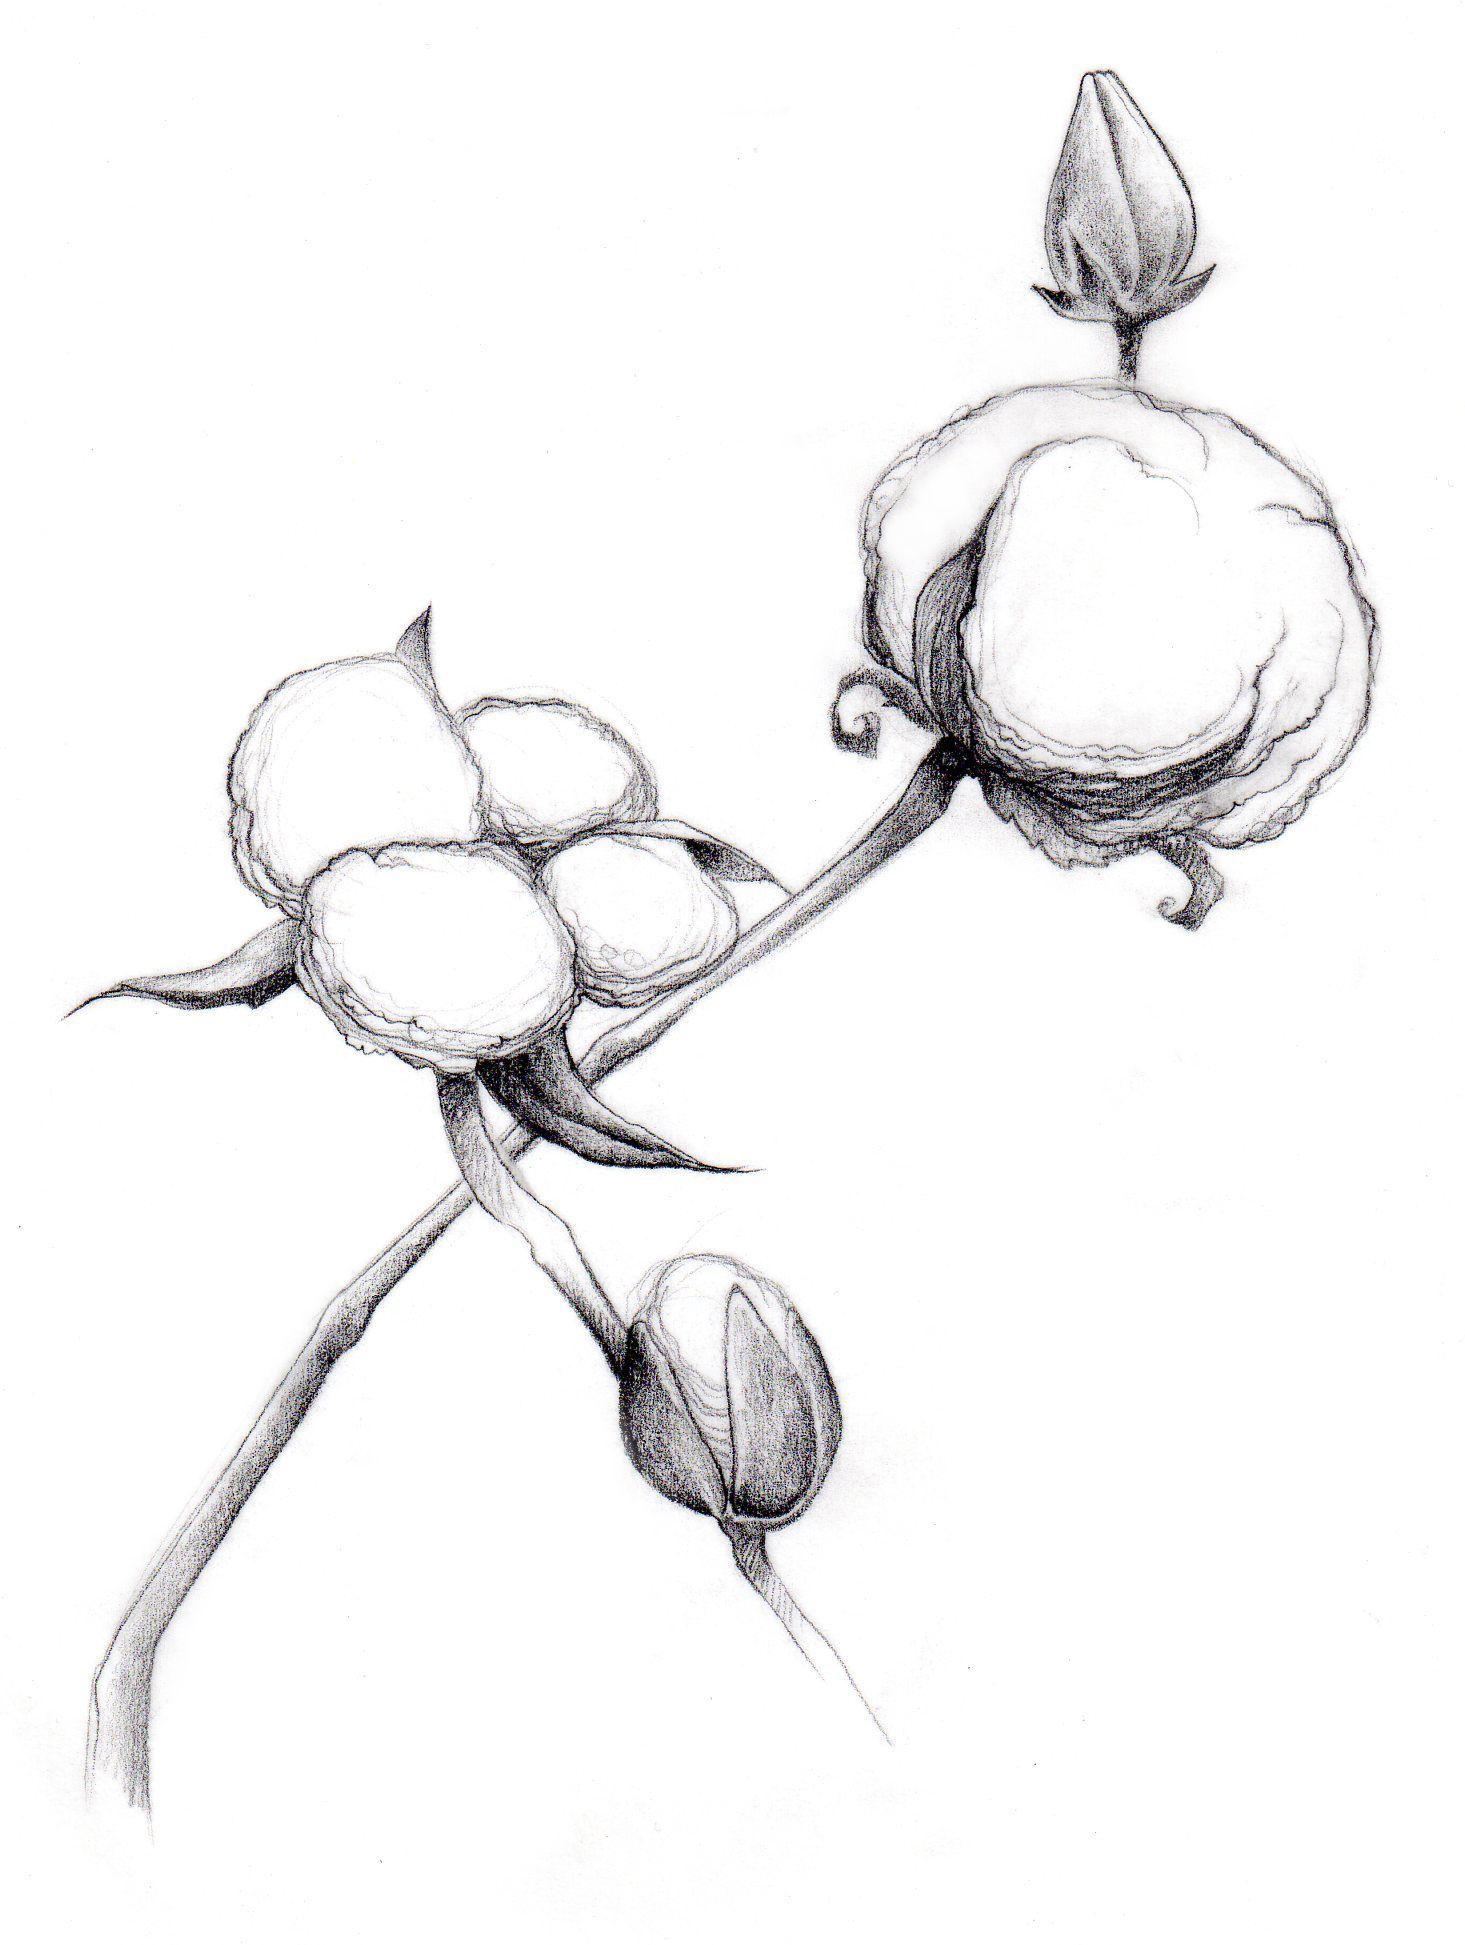 Cotton plant clipart